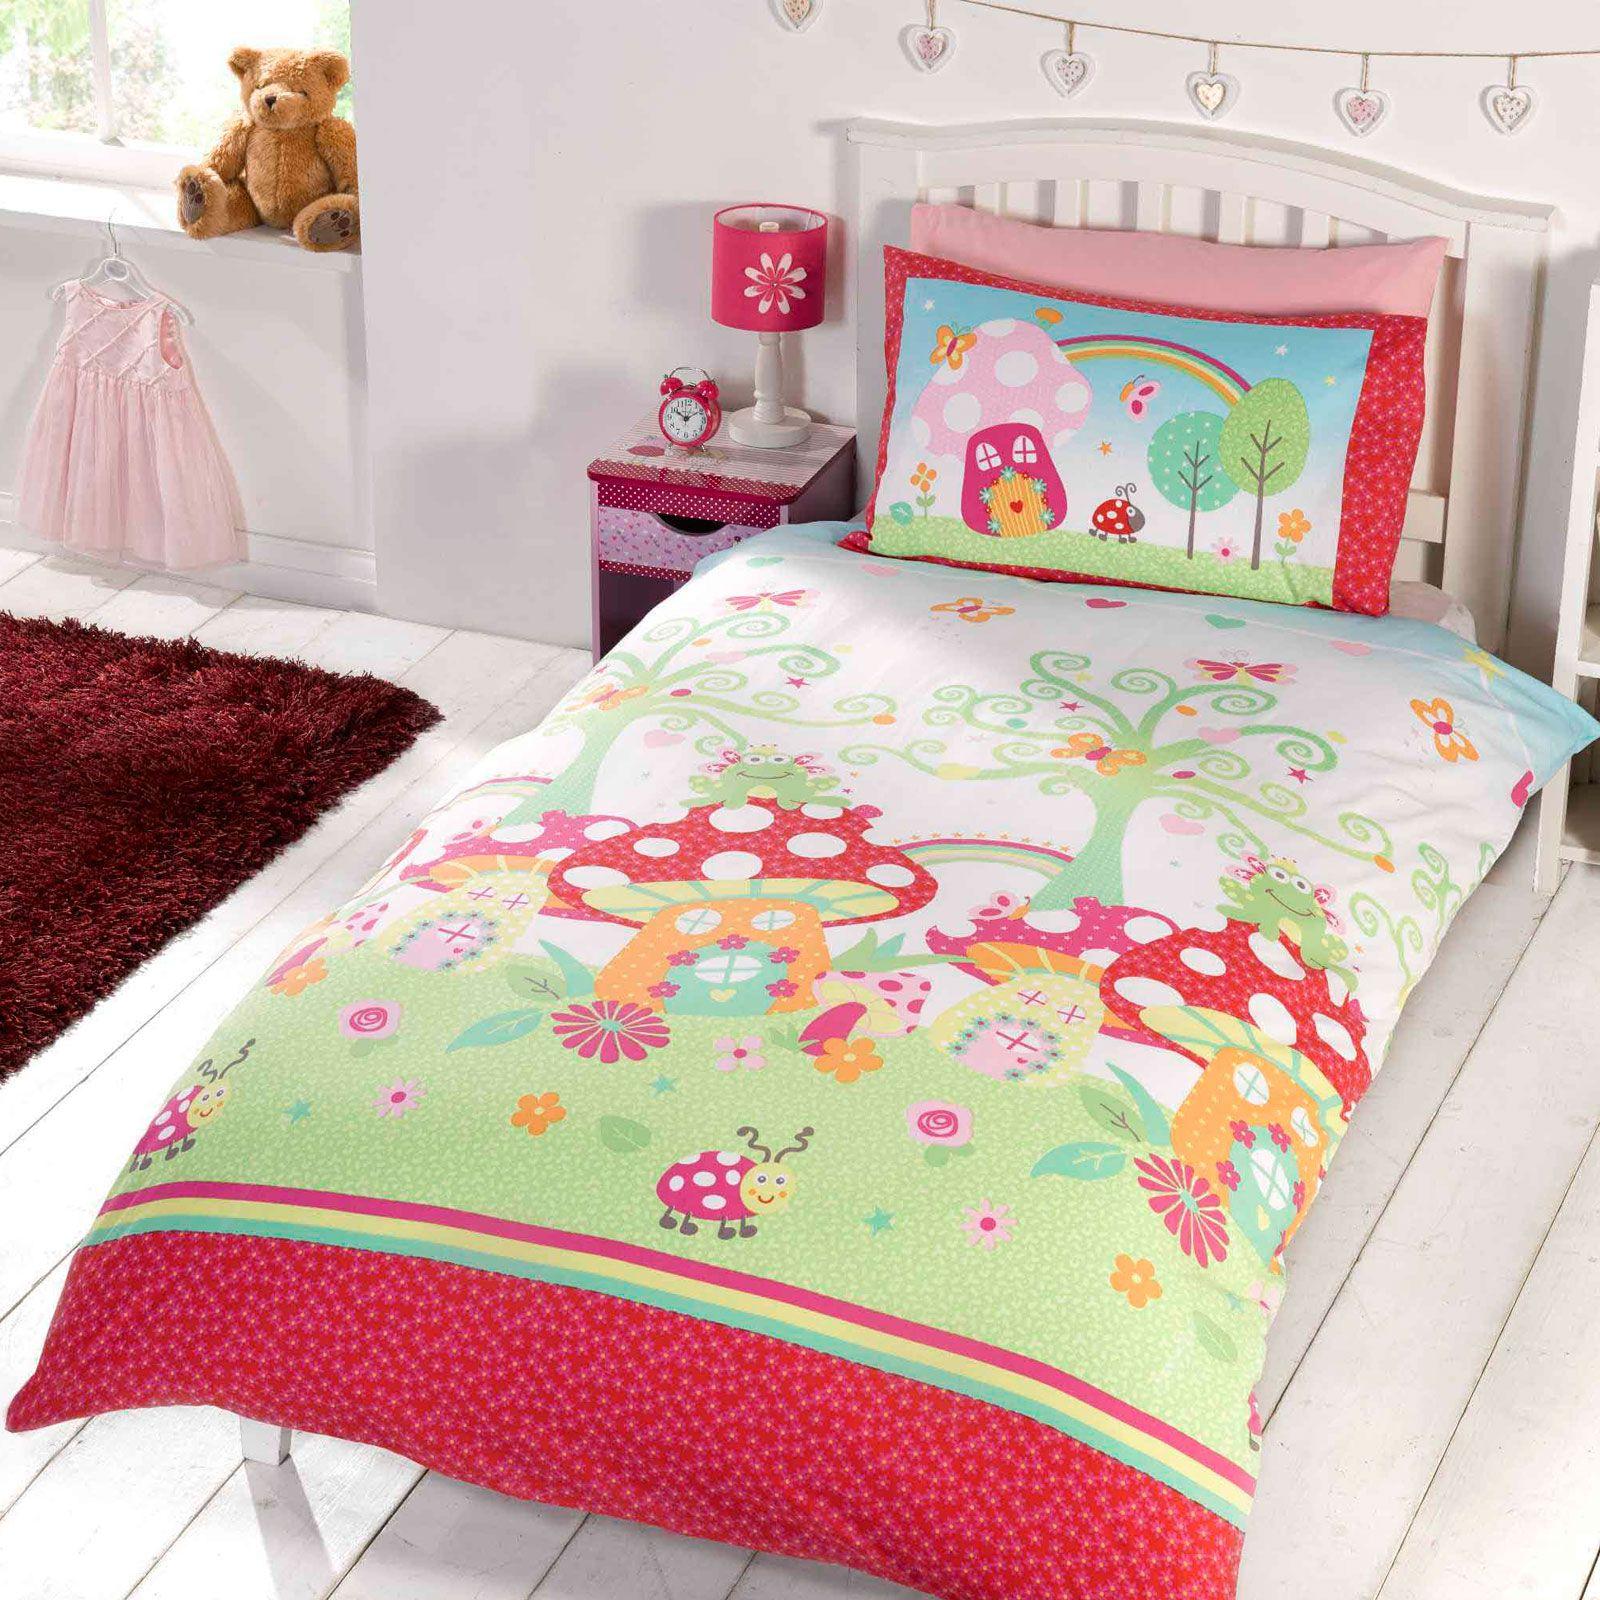 Ragazze copripiumino per letto singolo set unicorn farfalle principesse gufi ebay - Copripiumino letto singolo ...